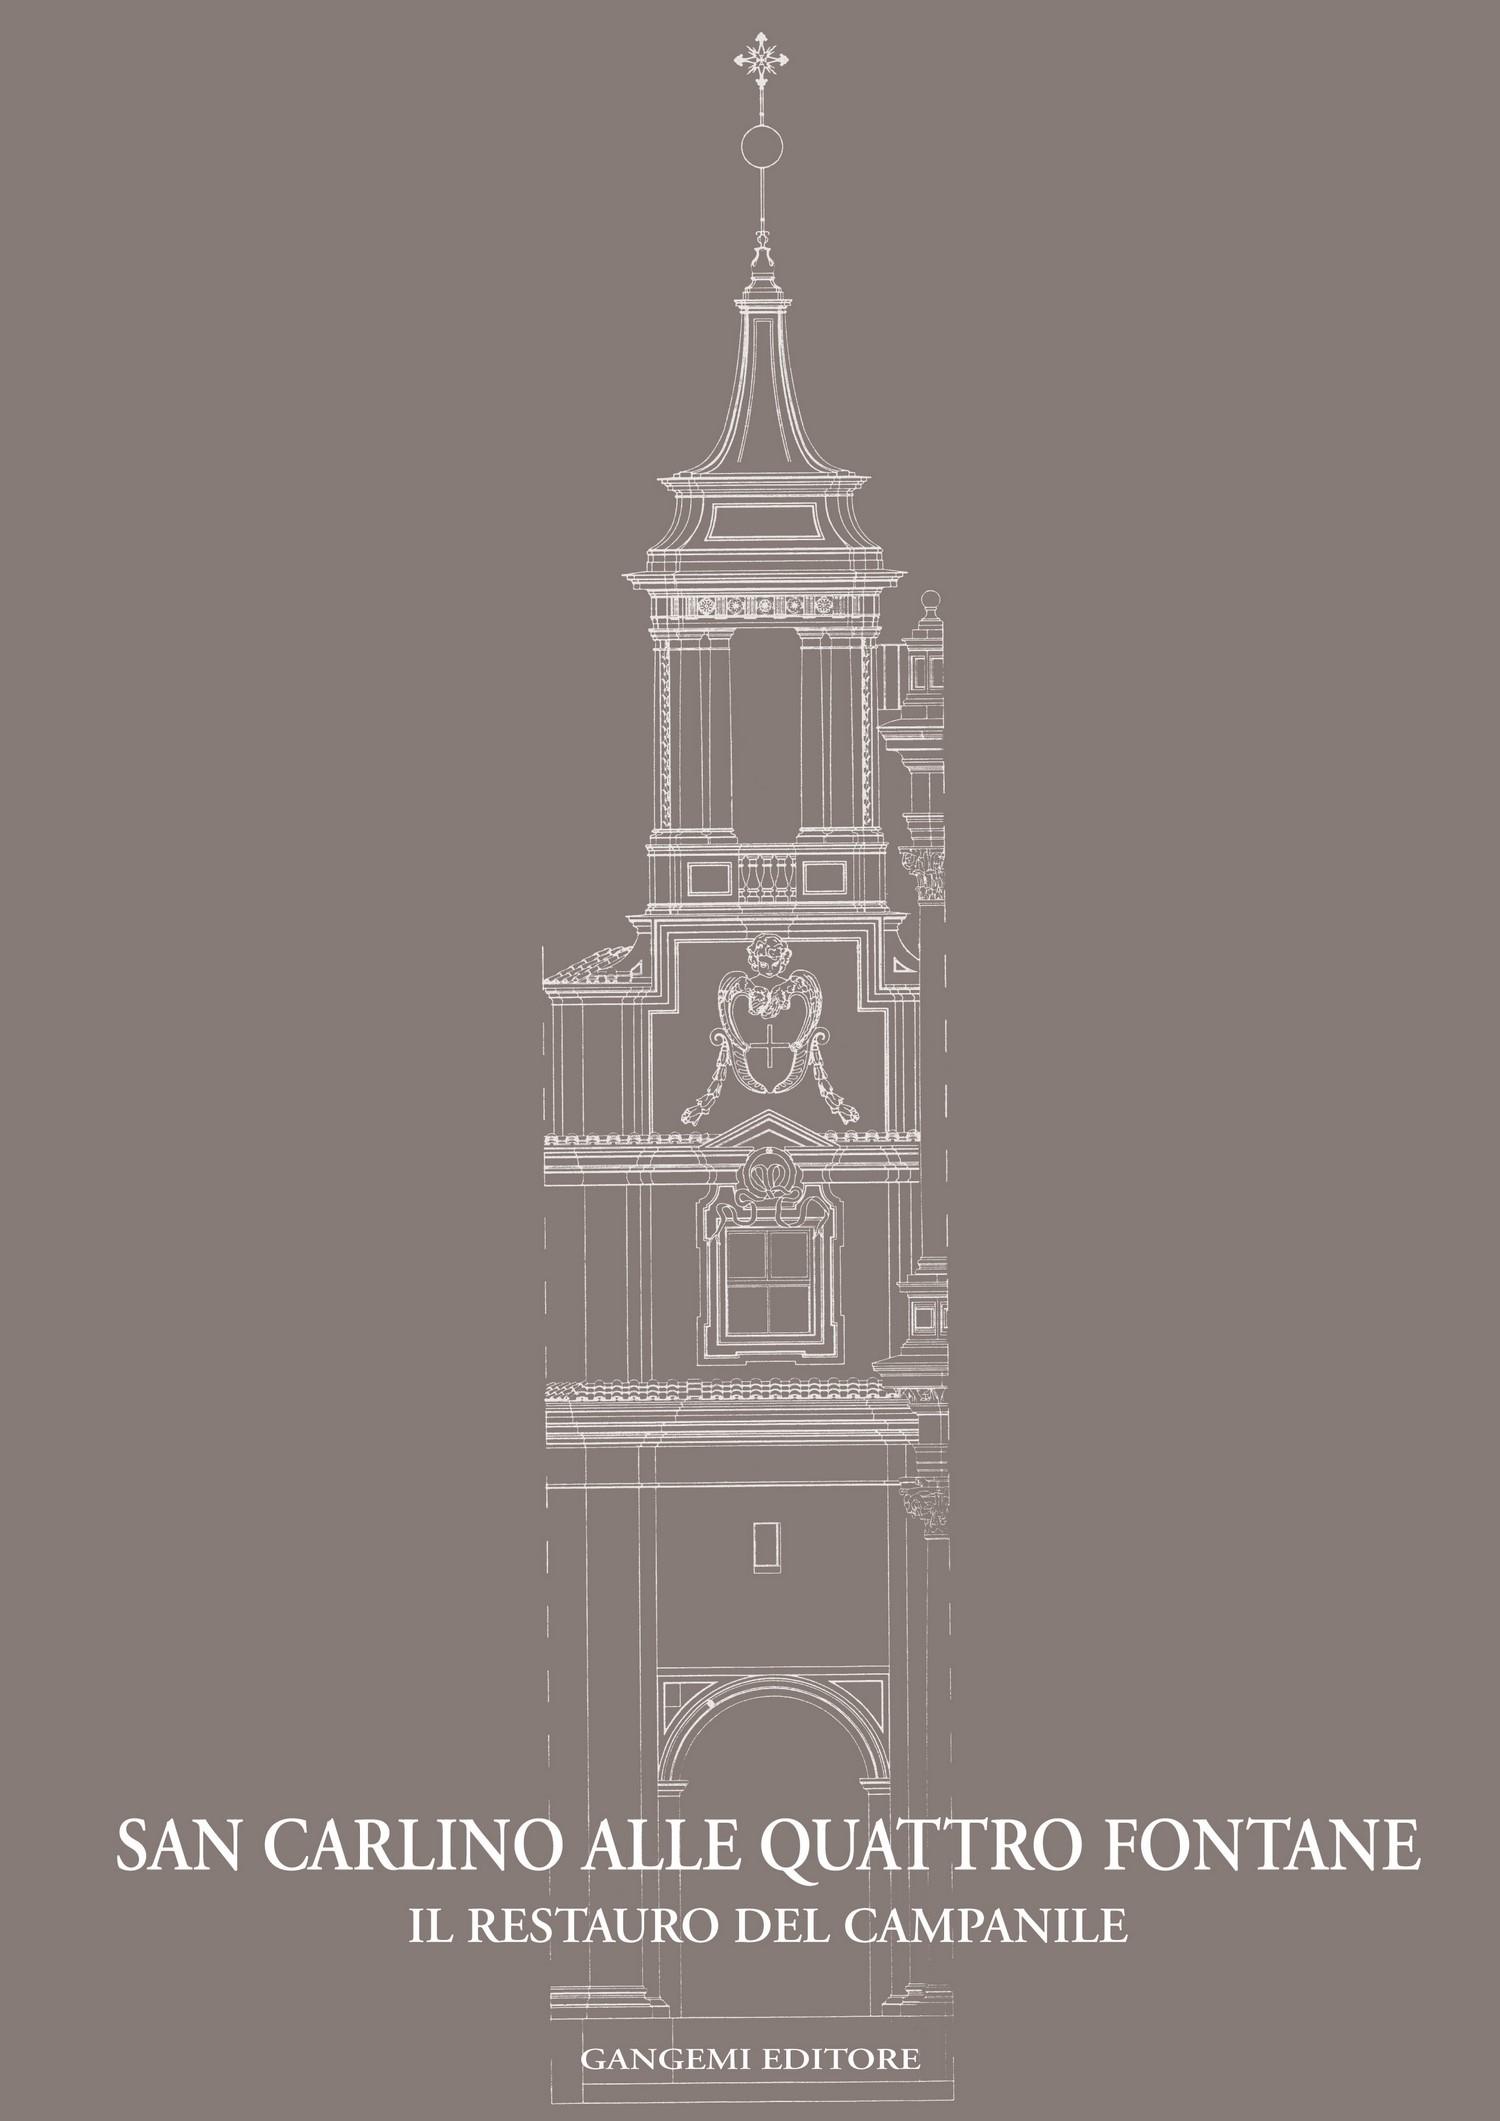 San Carlino alle Quattro Fontane : il restauro del campanile